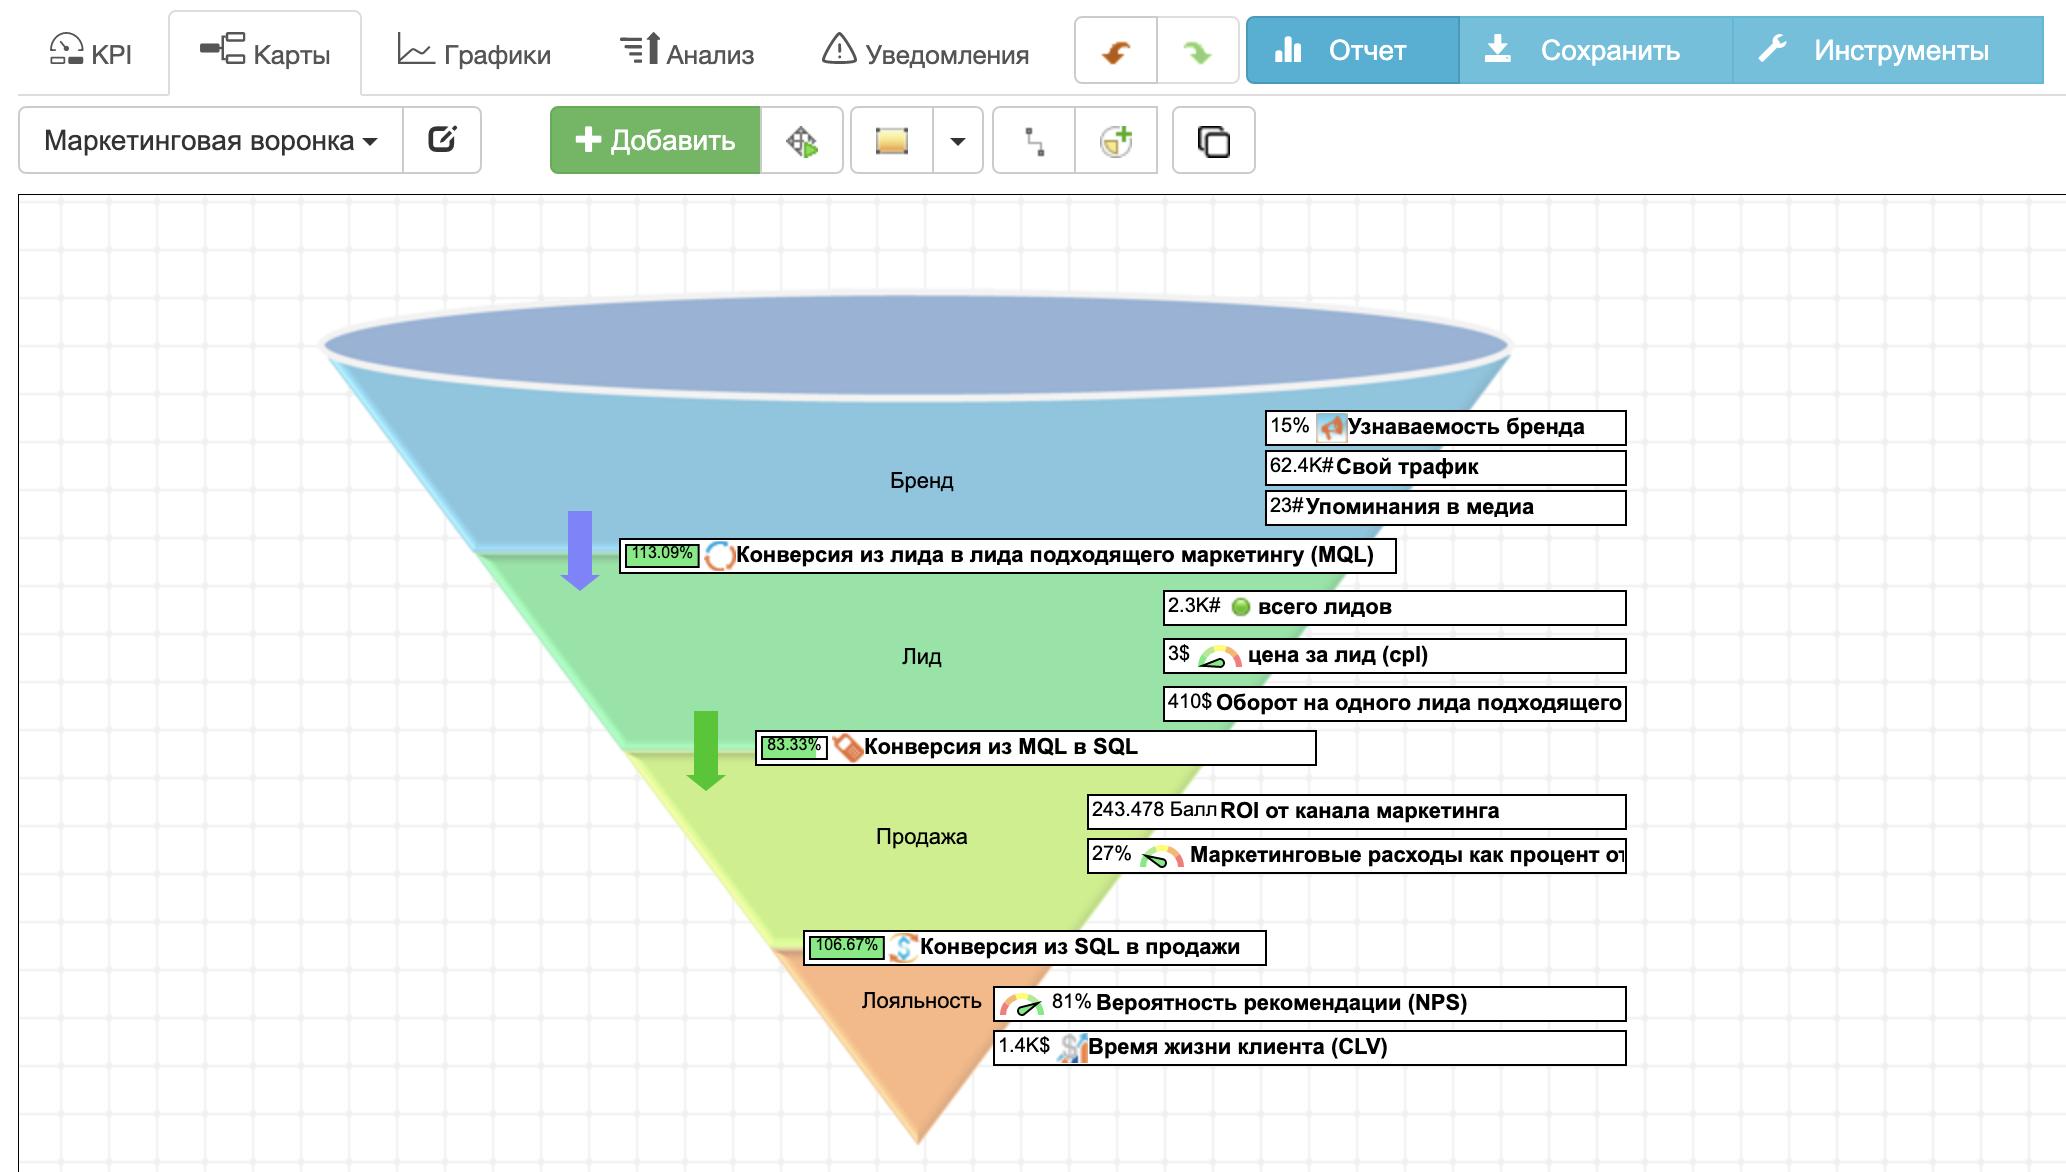 Маркетинговая воронка с KPI в BSC Designer